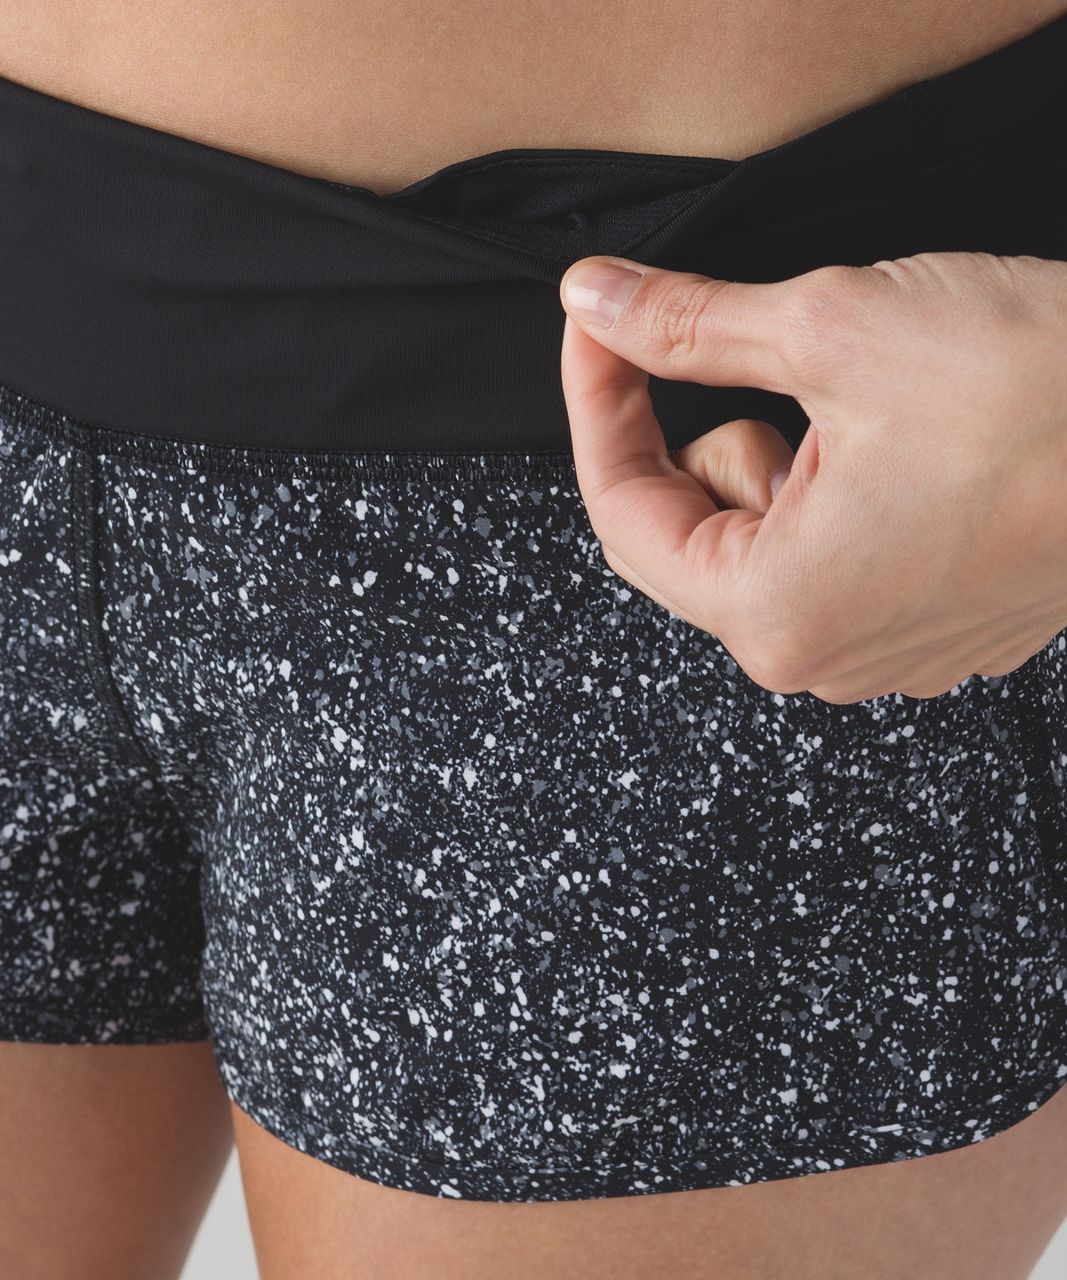 Lululemon Speed Short - Mini Splatter White Black / Black